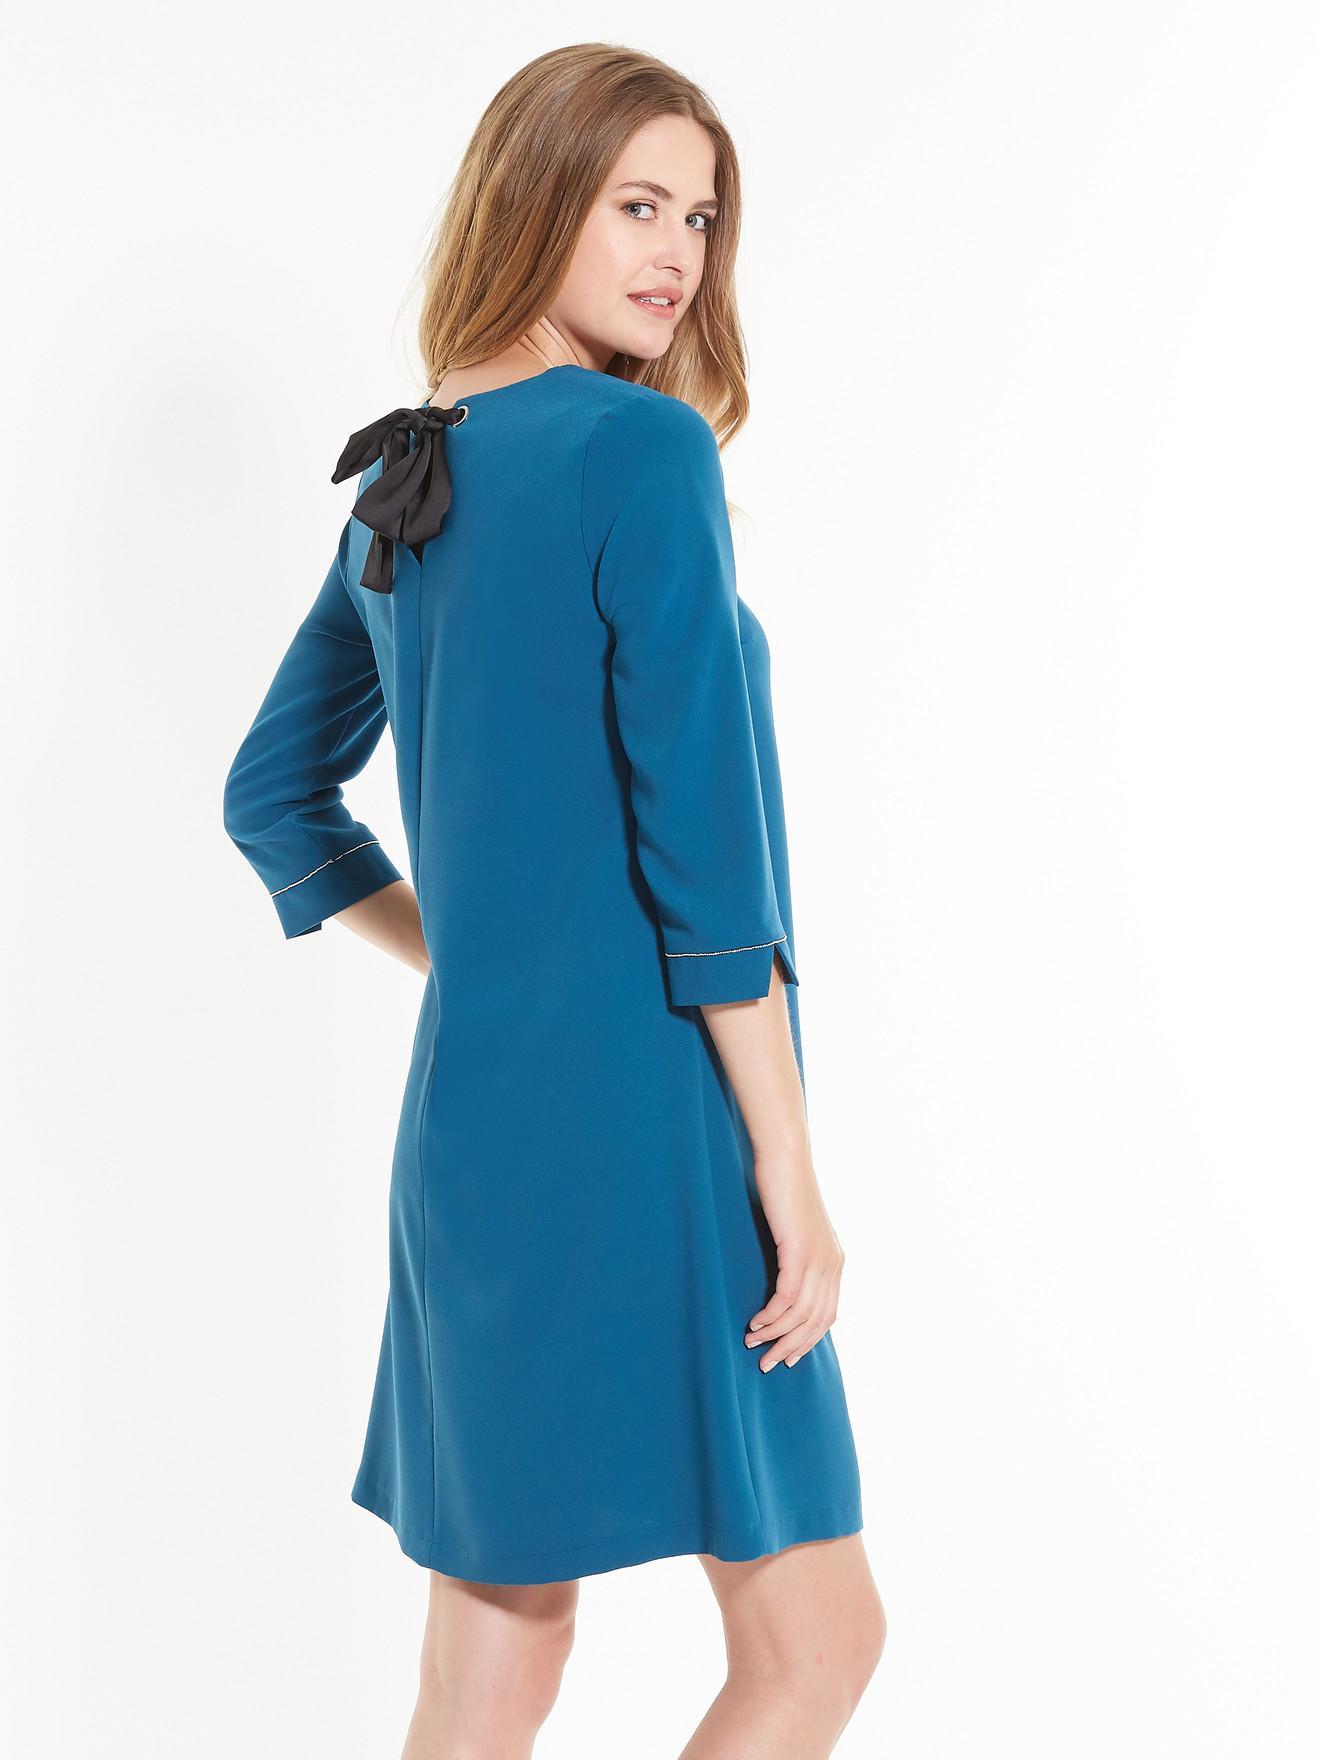 Robe trapeze bleu